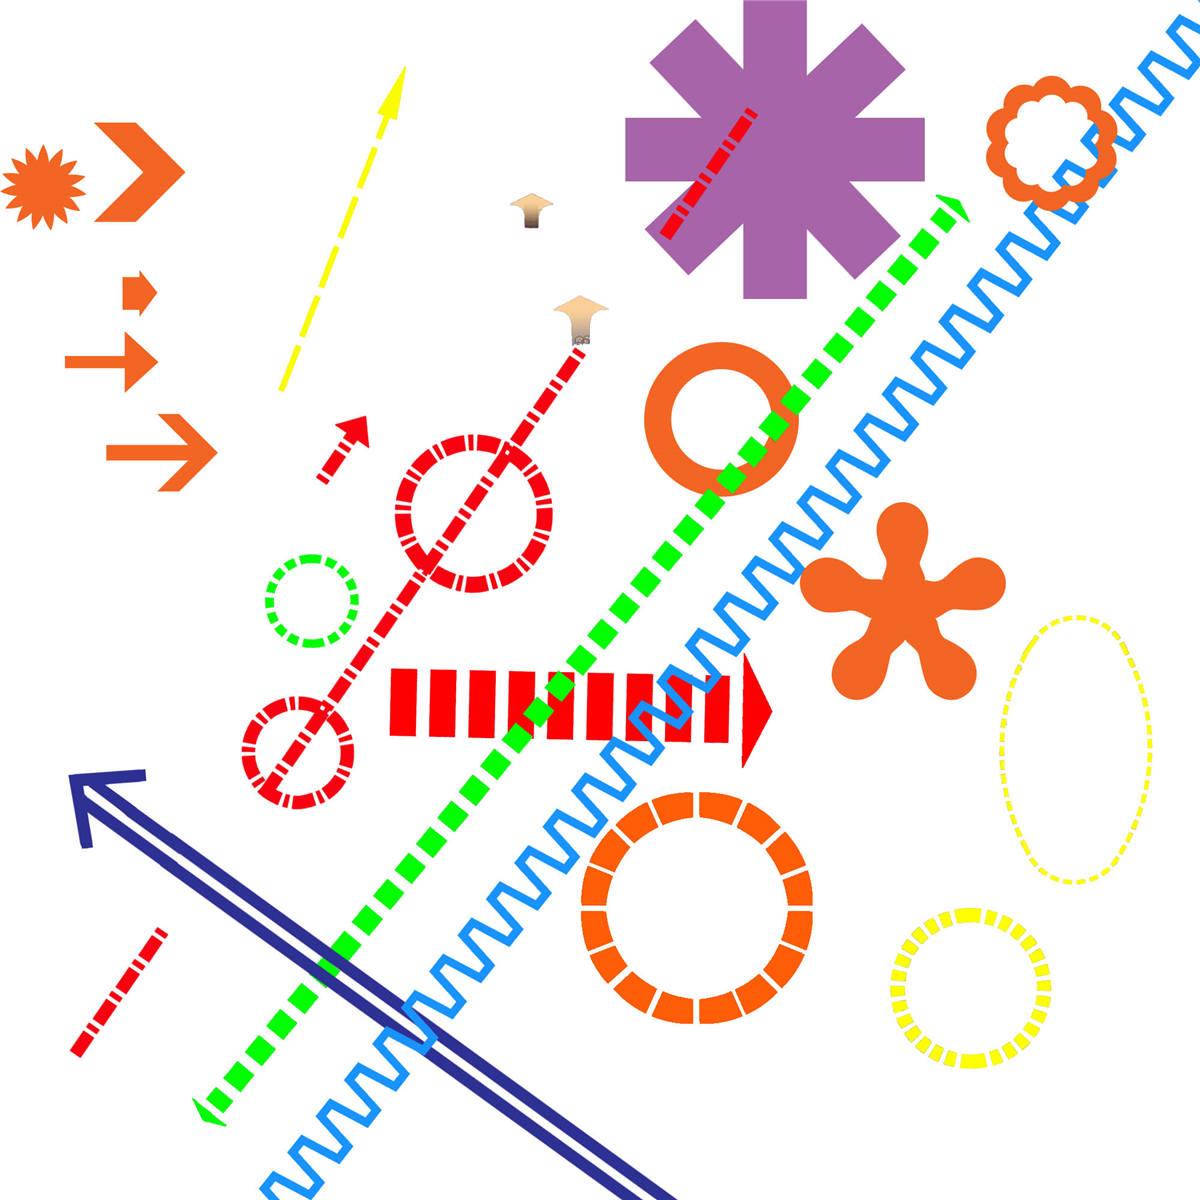 都是分析图常用素材 比如一些圈圈,箭头.